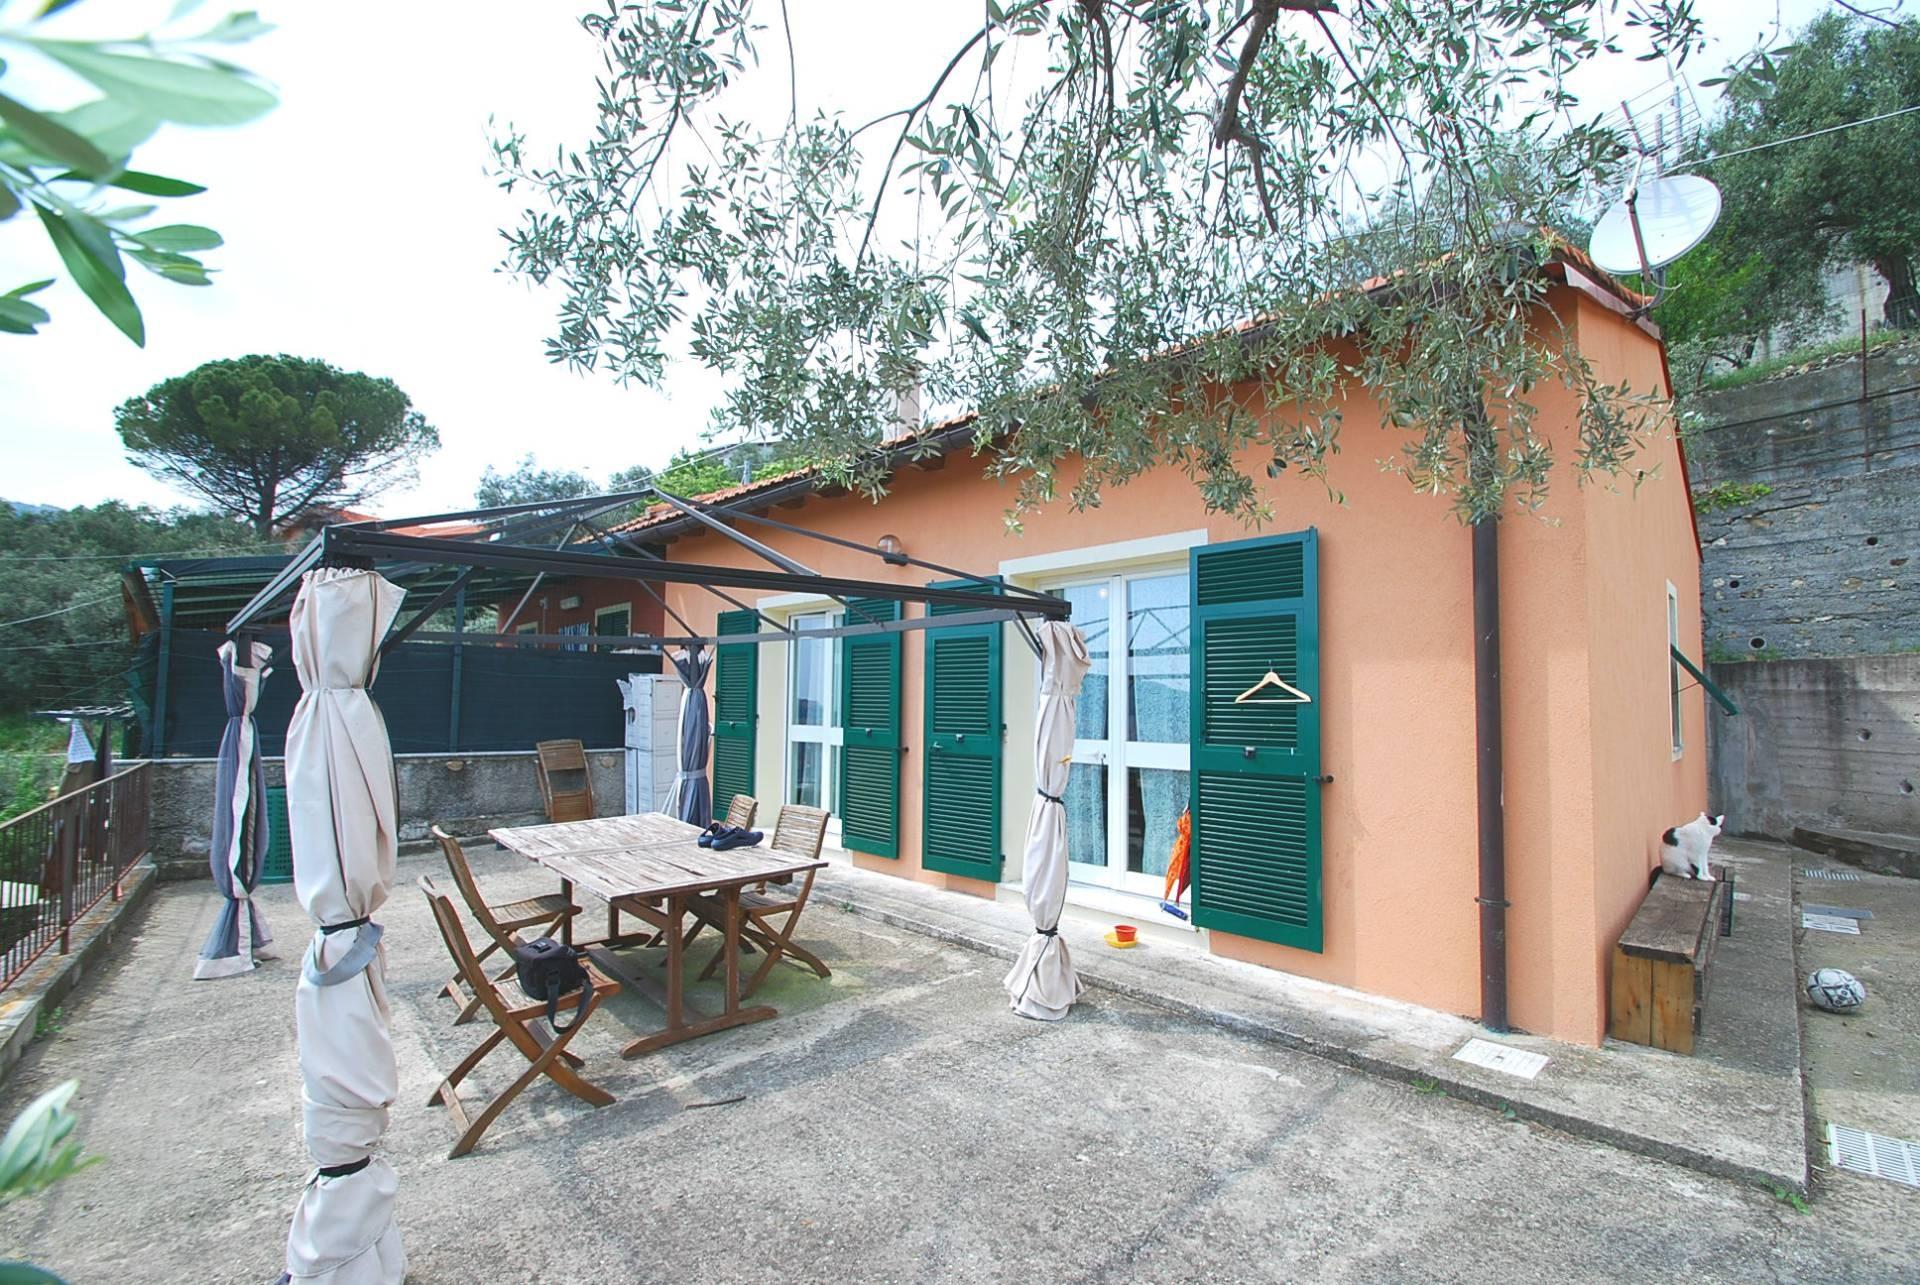 Vendita Porte A Genova casa semindipendente in vendita a genova cod. banchelle